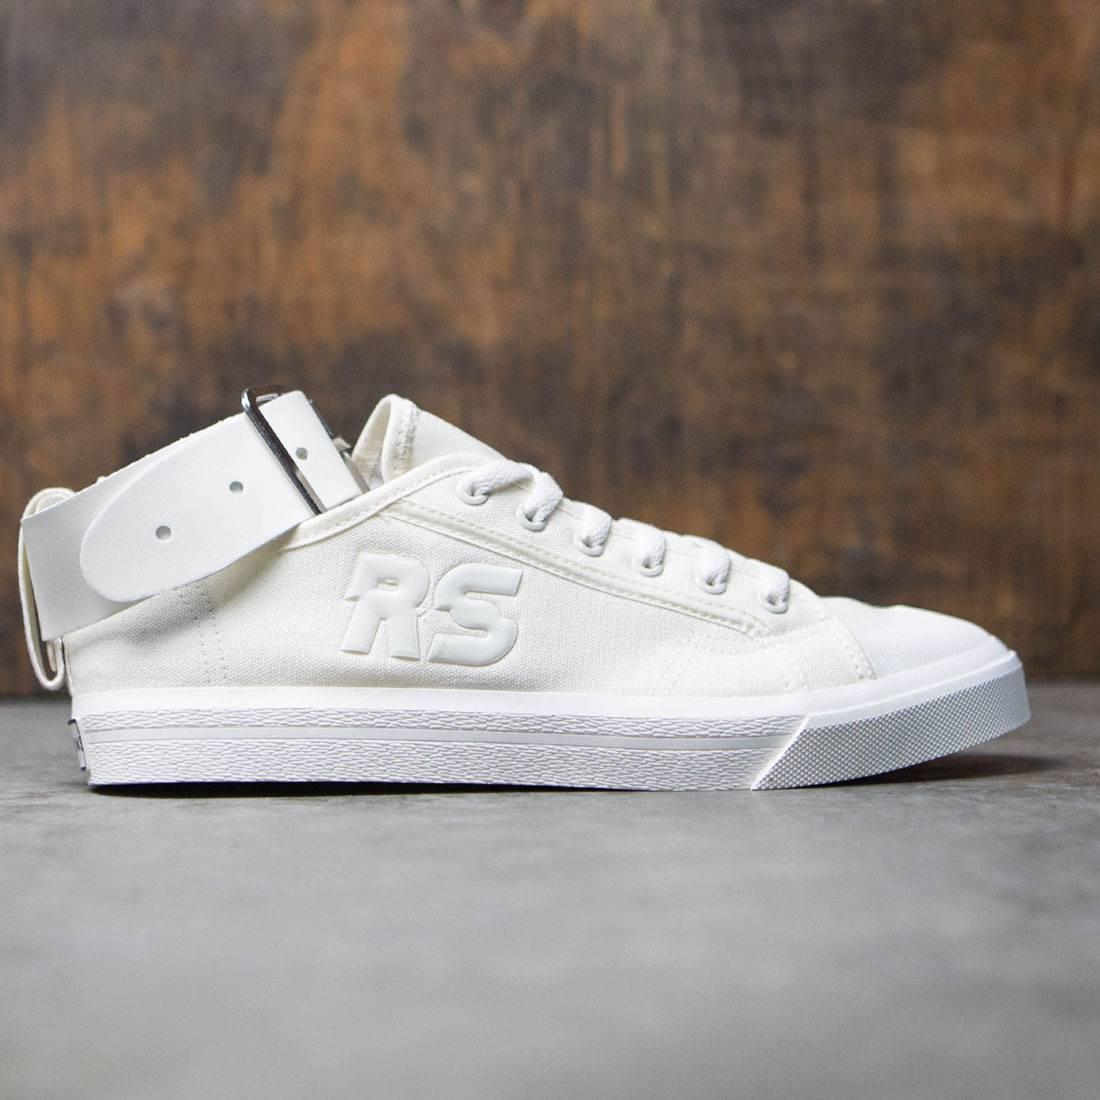 【海外限定】アディダス バックル 白 ホワイト メンズ靴 靴 【 ADIDAS WHITE X RAF SIMONS MEN SPIRIT BUCKLE OFF BLACK 】